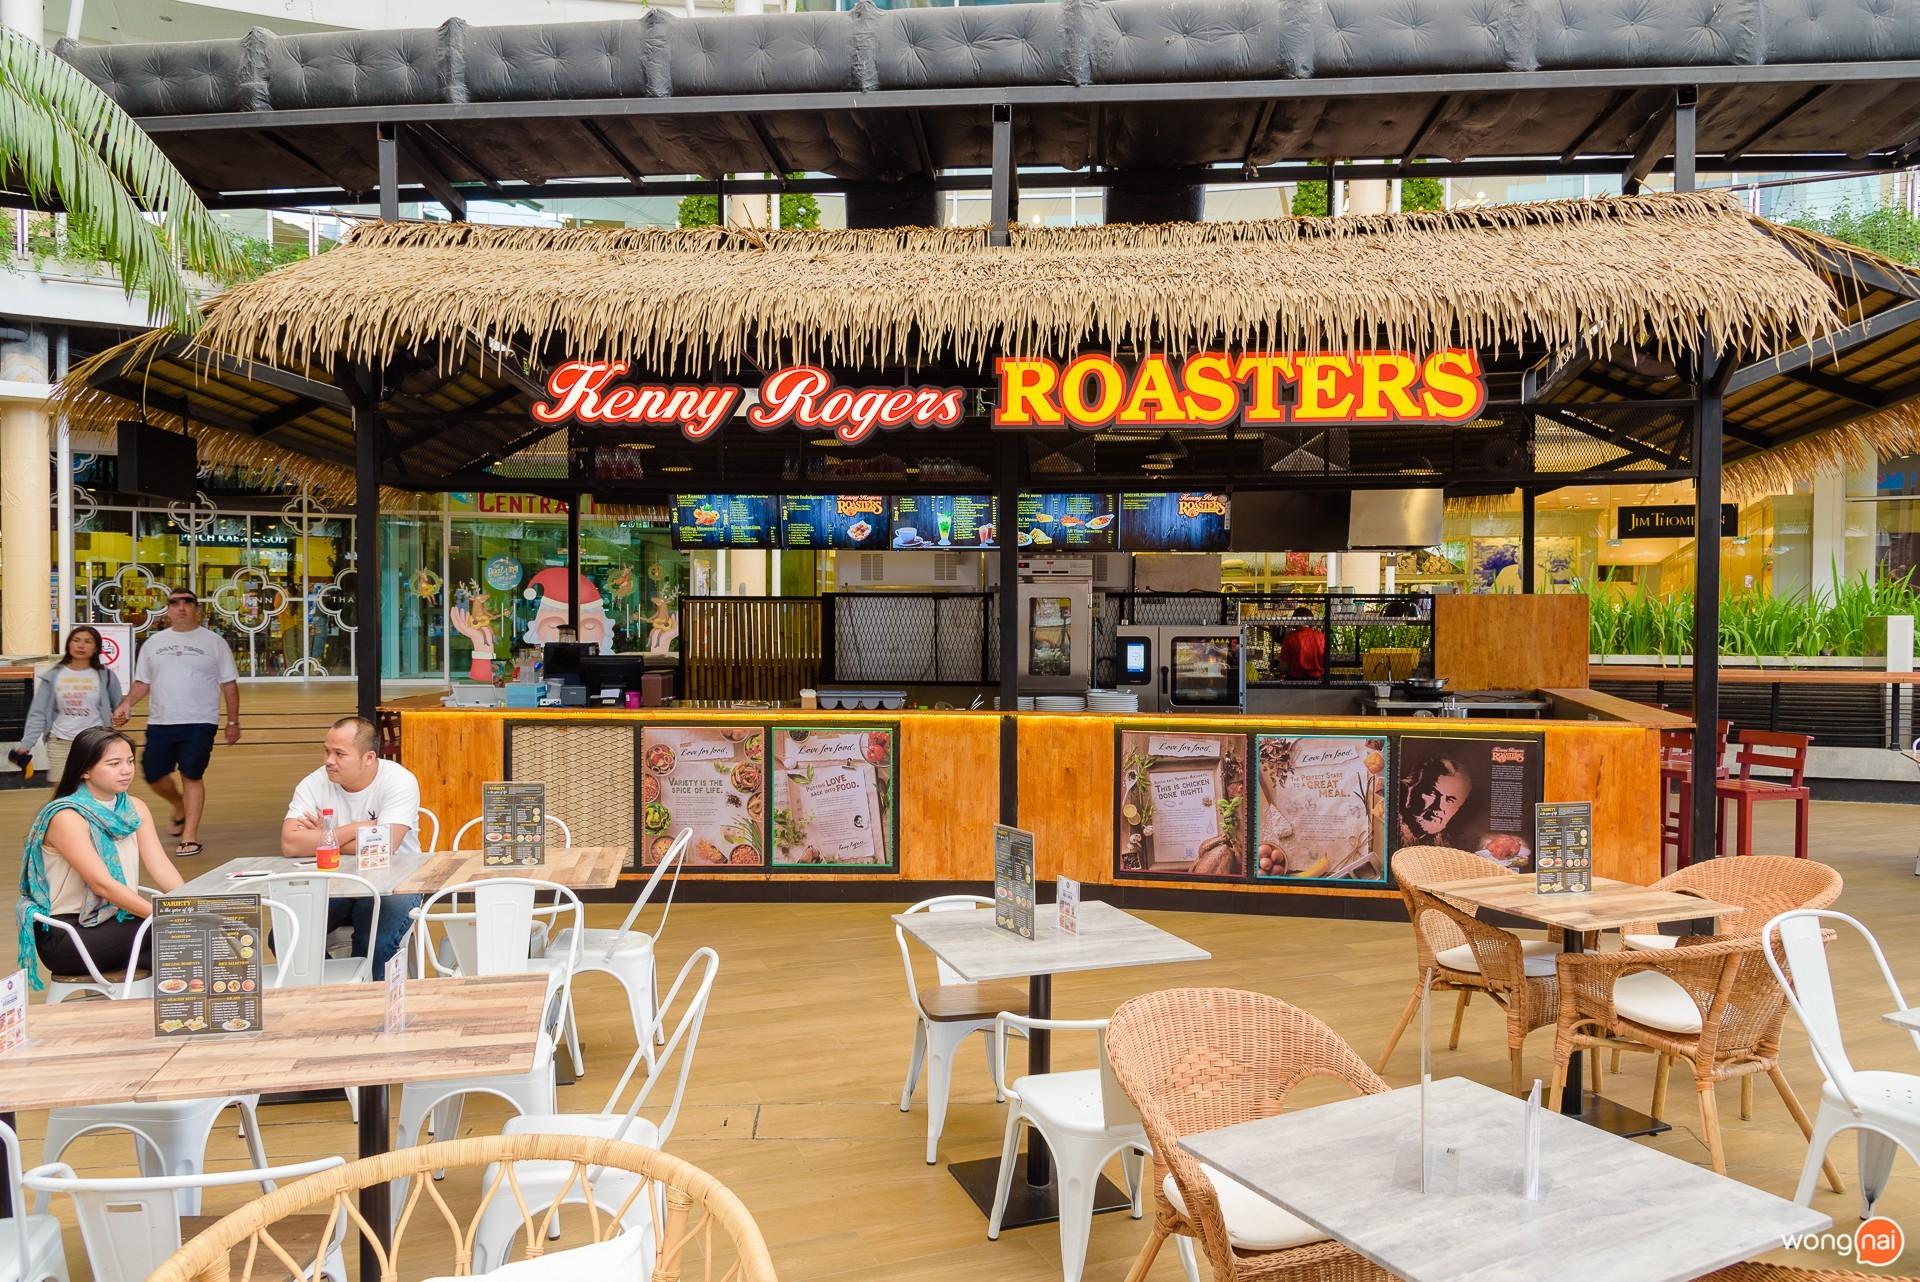 """บรรยากาศหน้าร้าน """"Kenny Rogers Roasters"""" ในโซน Public House ของห้าง Central Festival Phuket"""